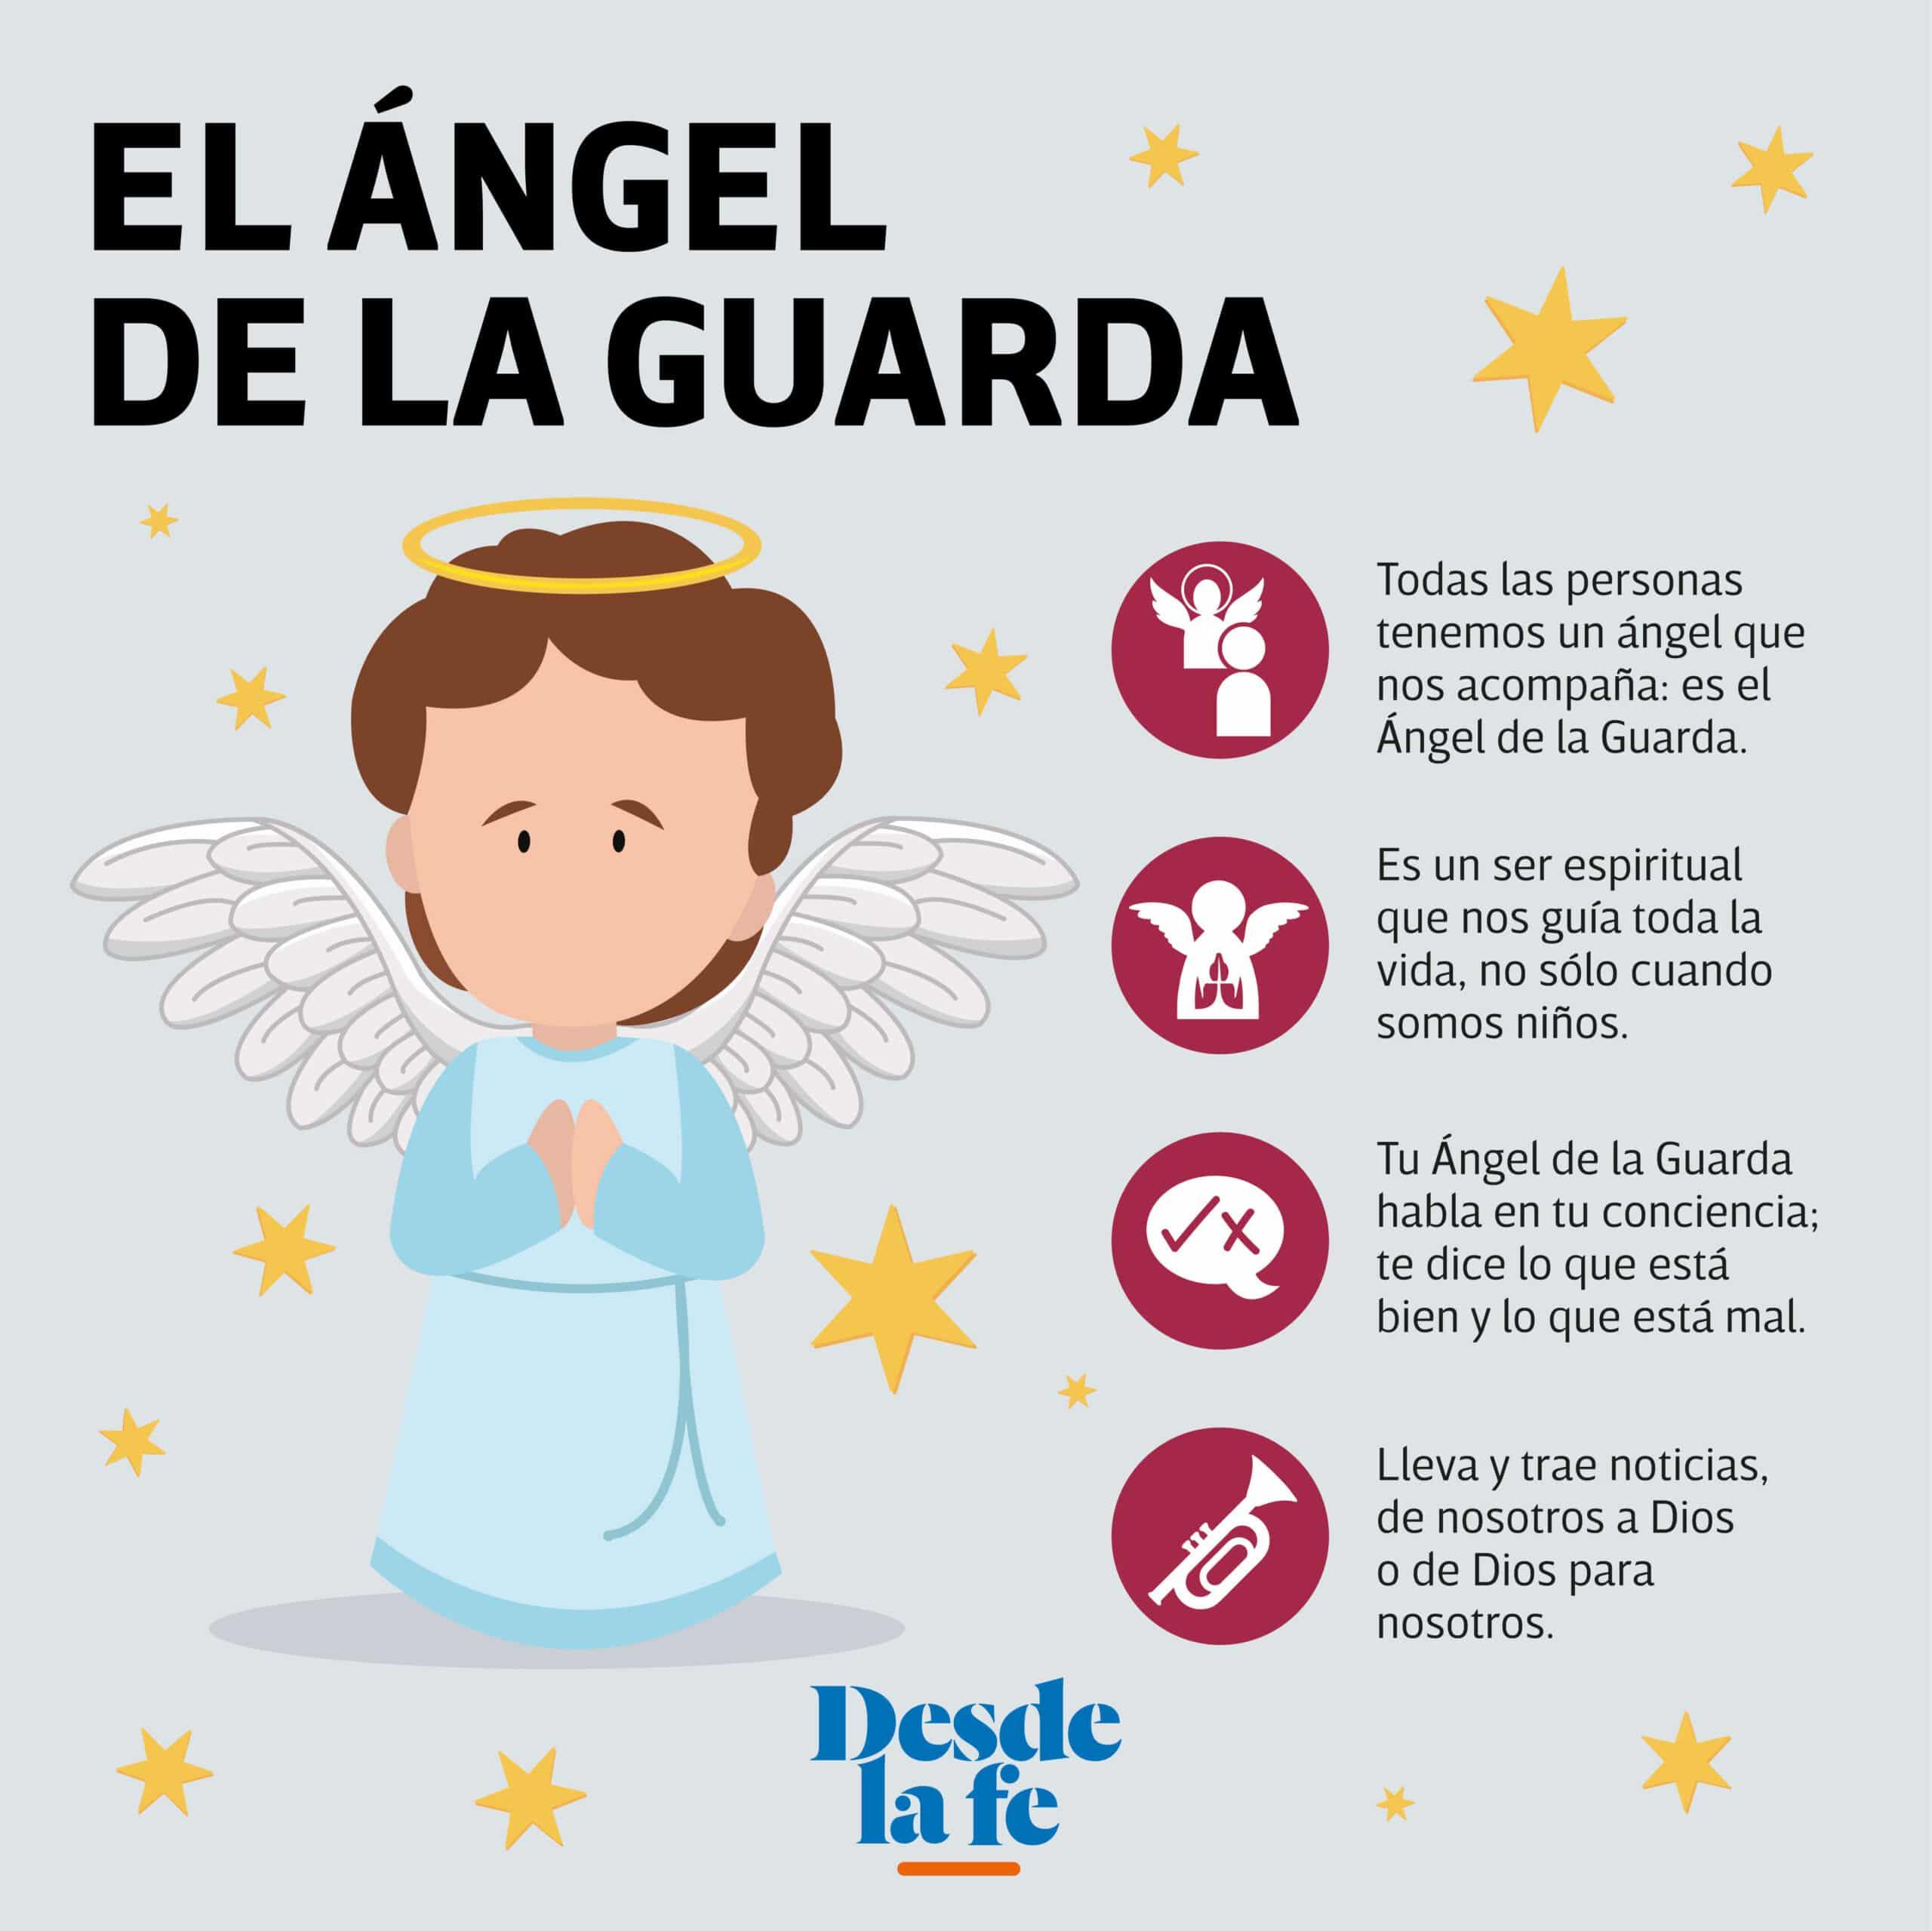 El ángel de la guarda.